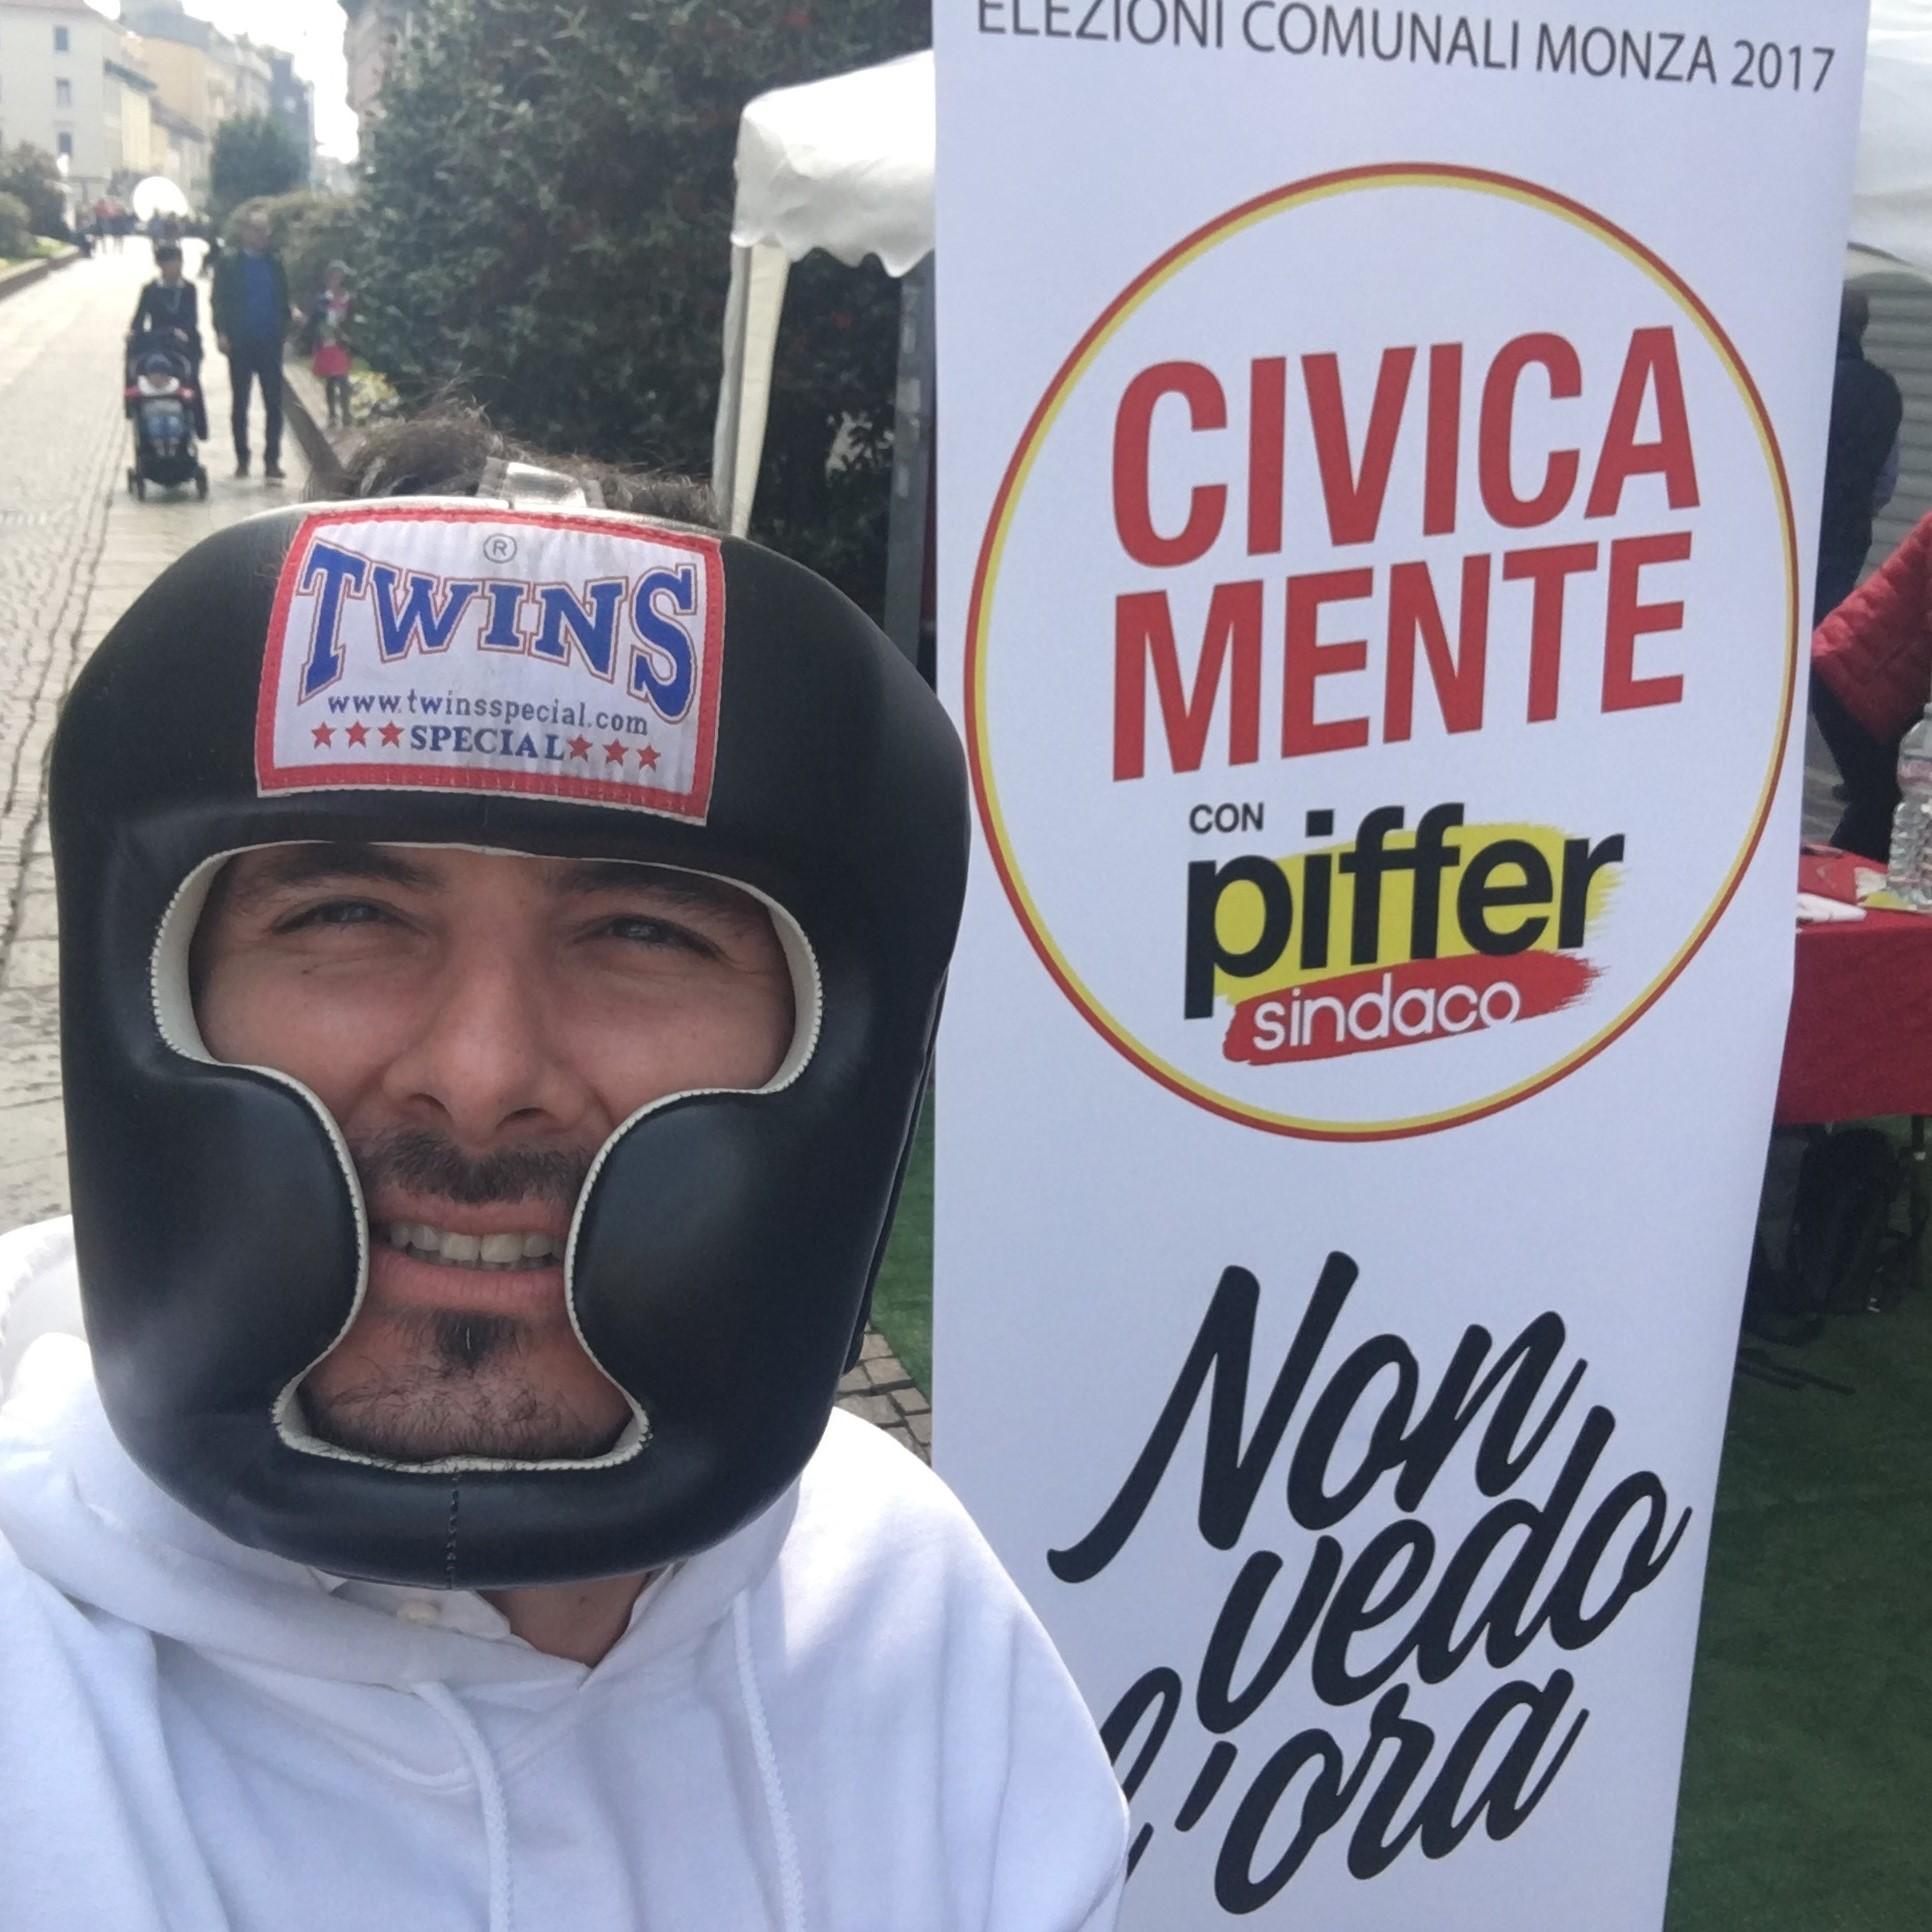 Paolo Piffer Gazebo